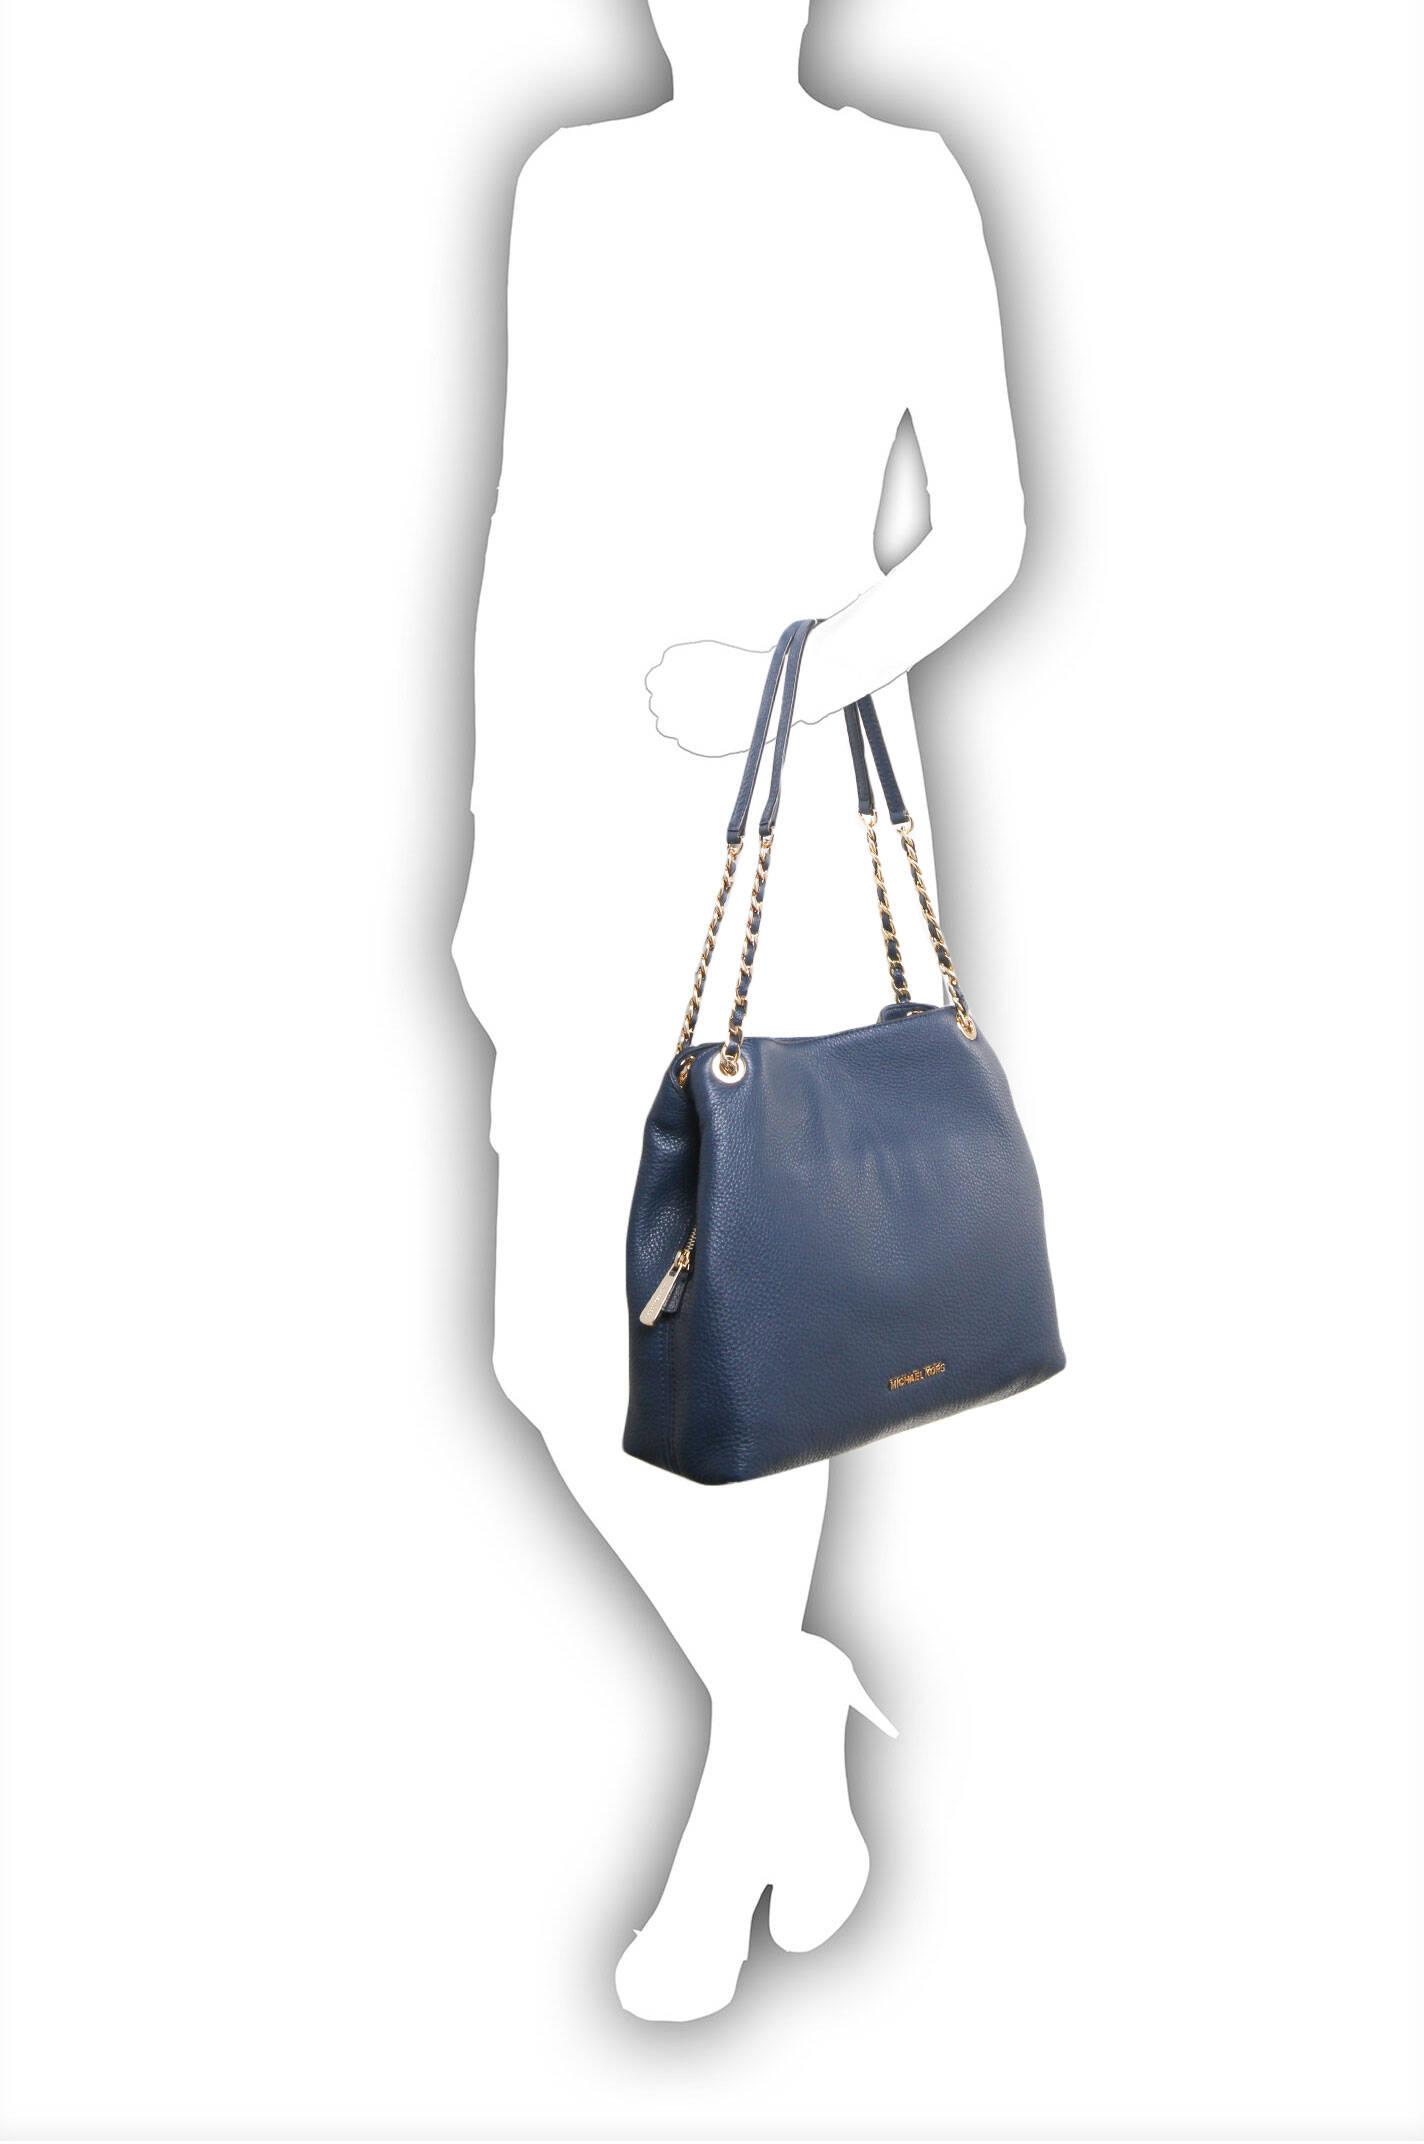 d562e1b24c Jet Set Chain Shopper bag Michael Kors